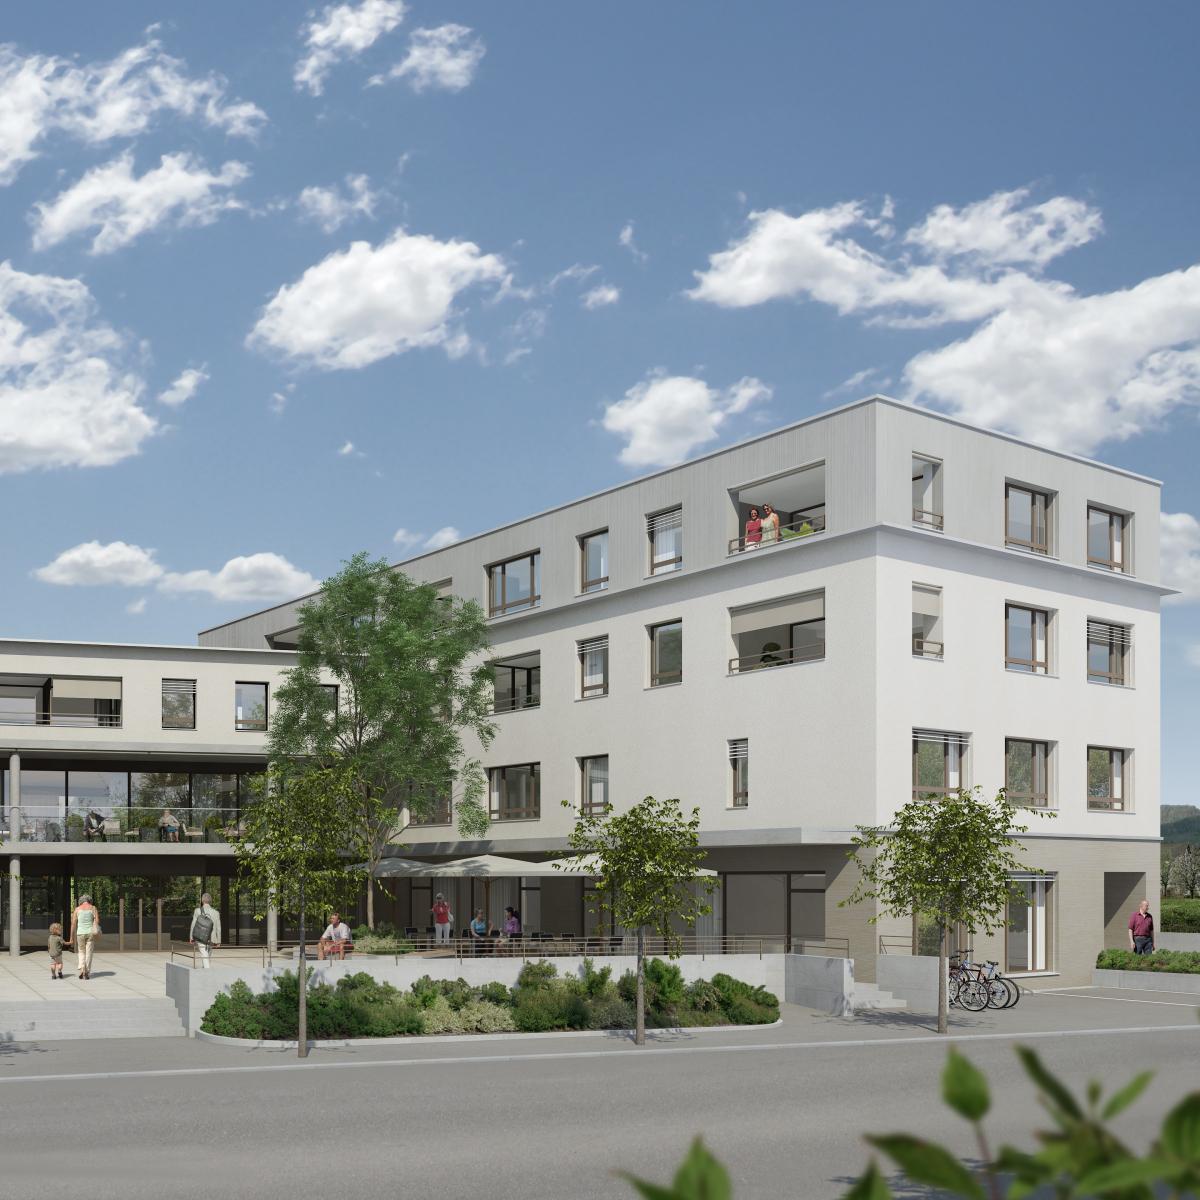 Hier entsteht der neue Kita Standort in Felben-Wellhausen